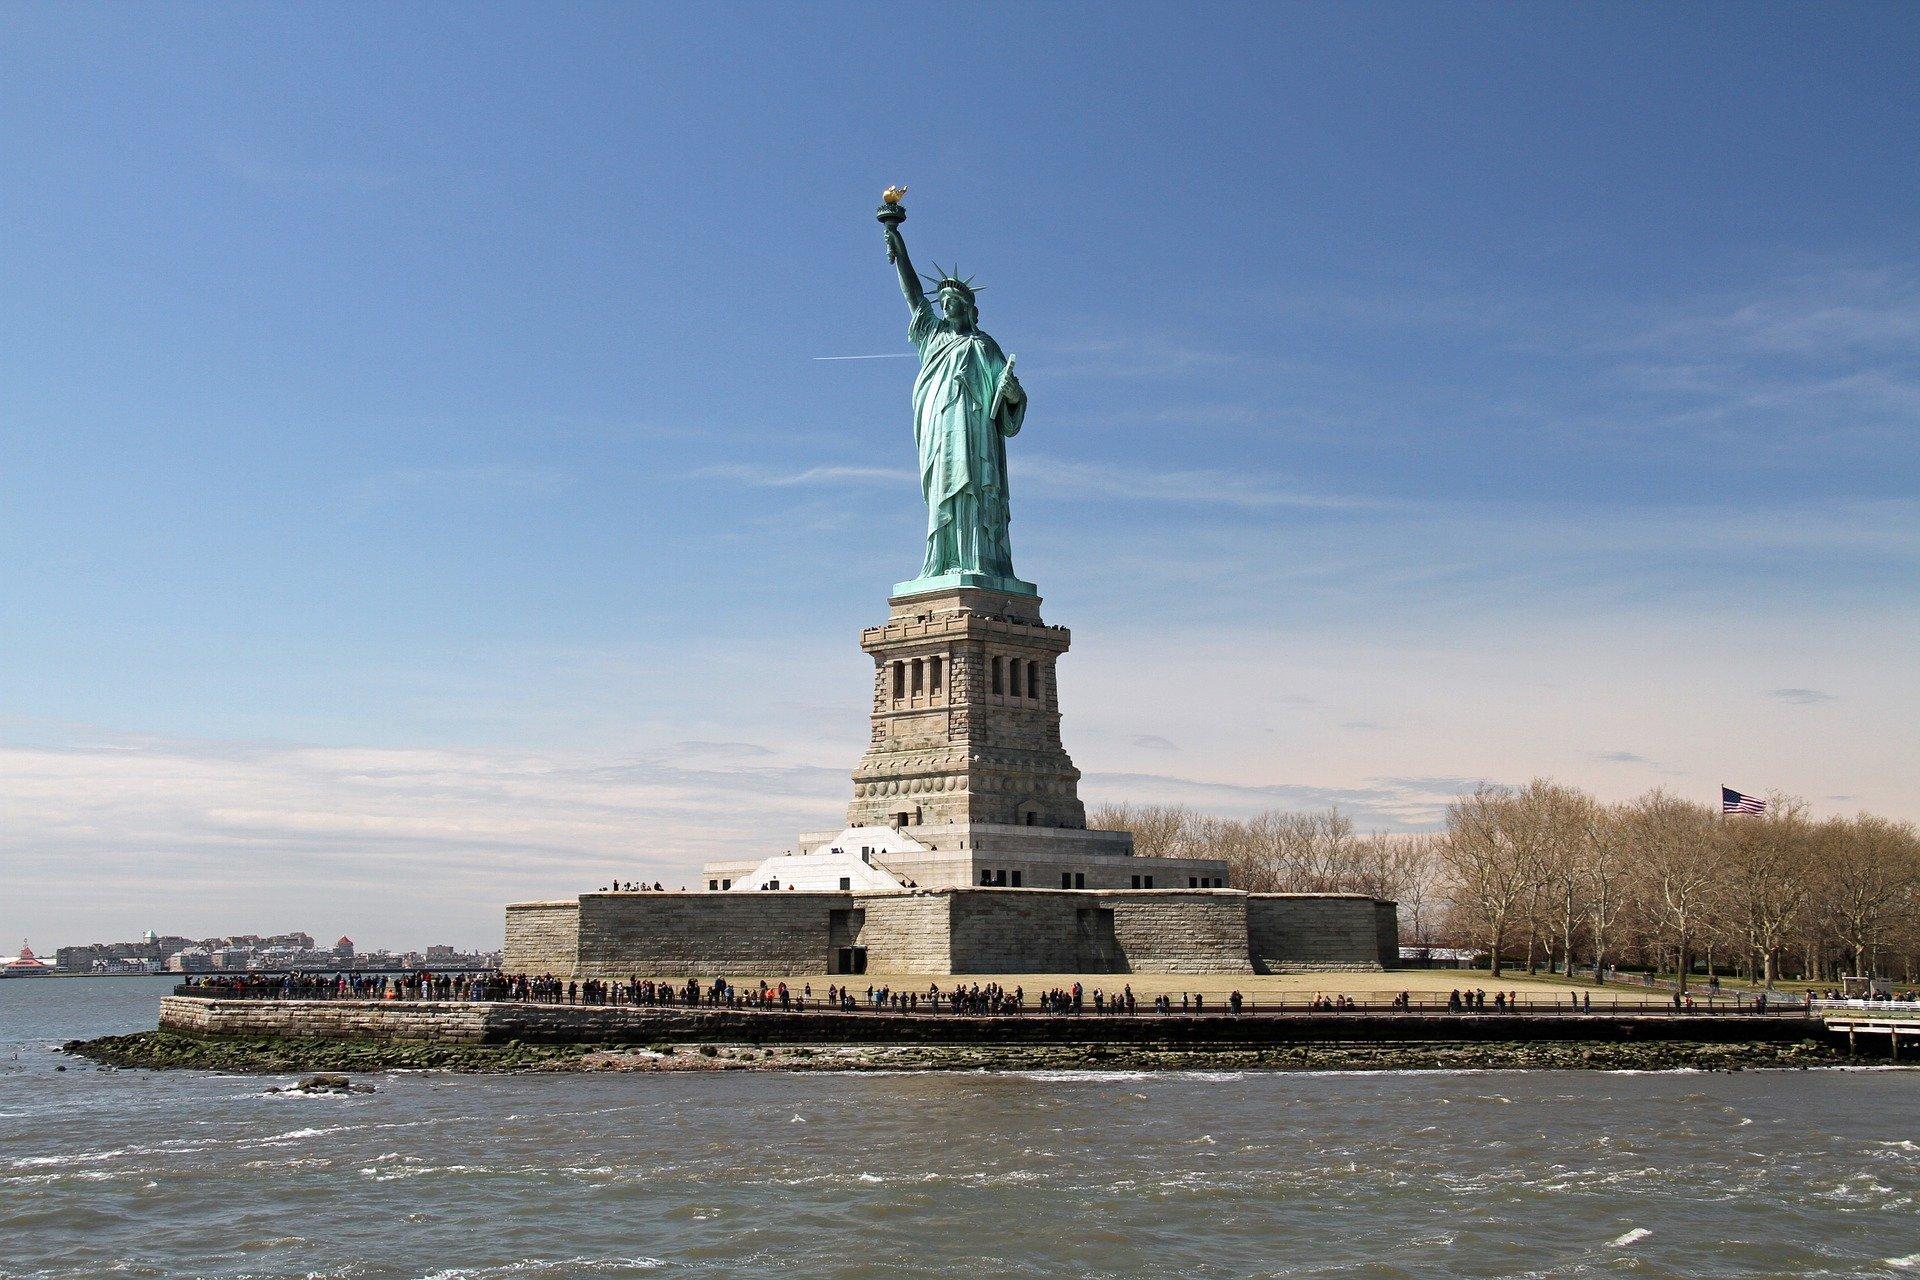 Top 10 Weekend Destinations In the U.S.